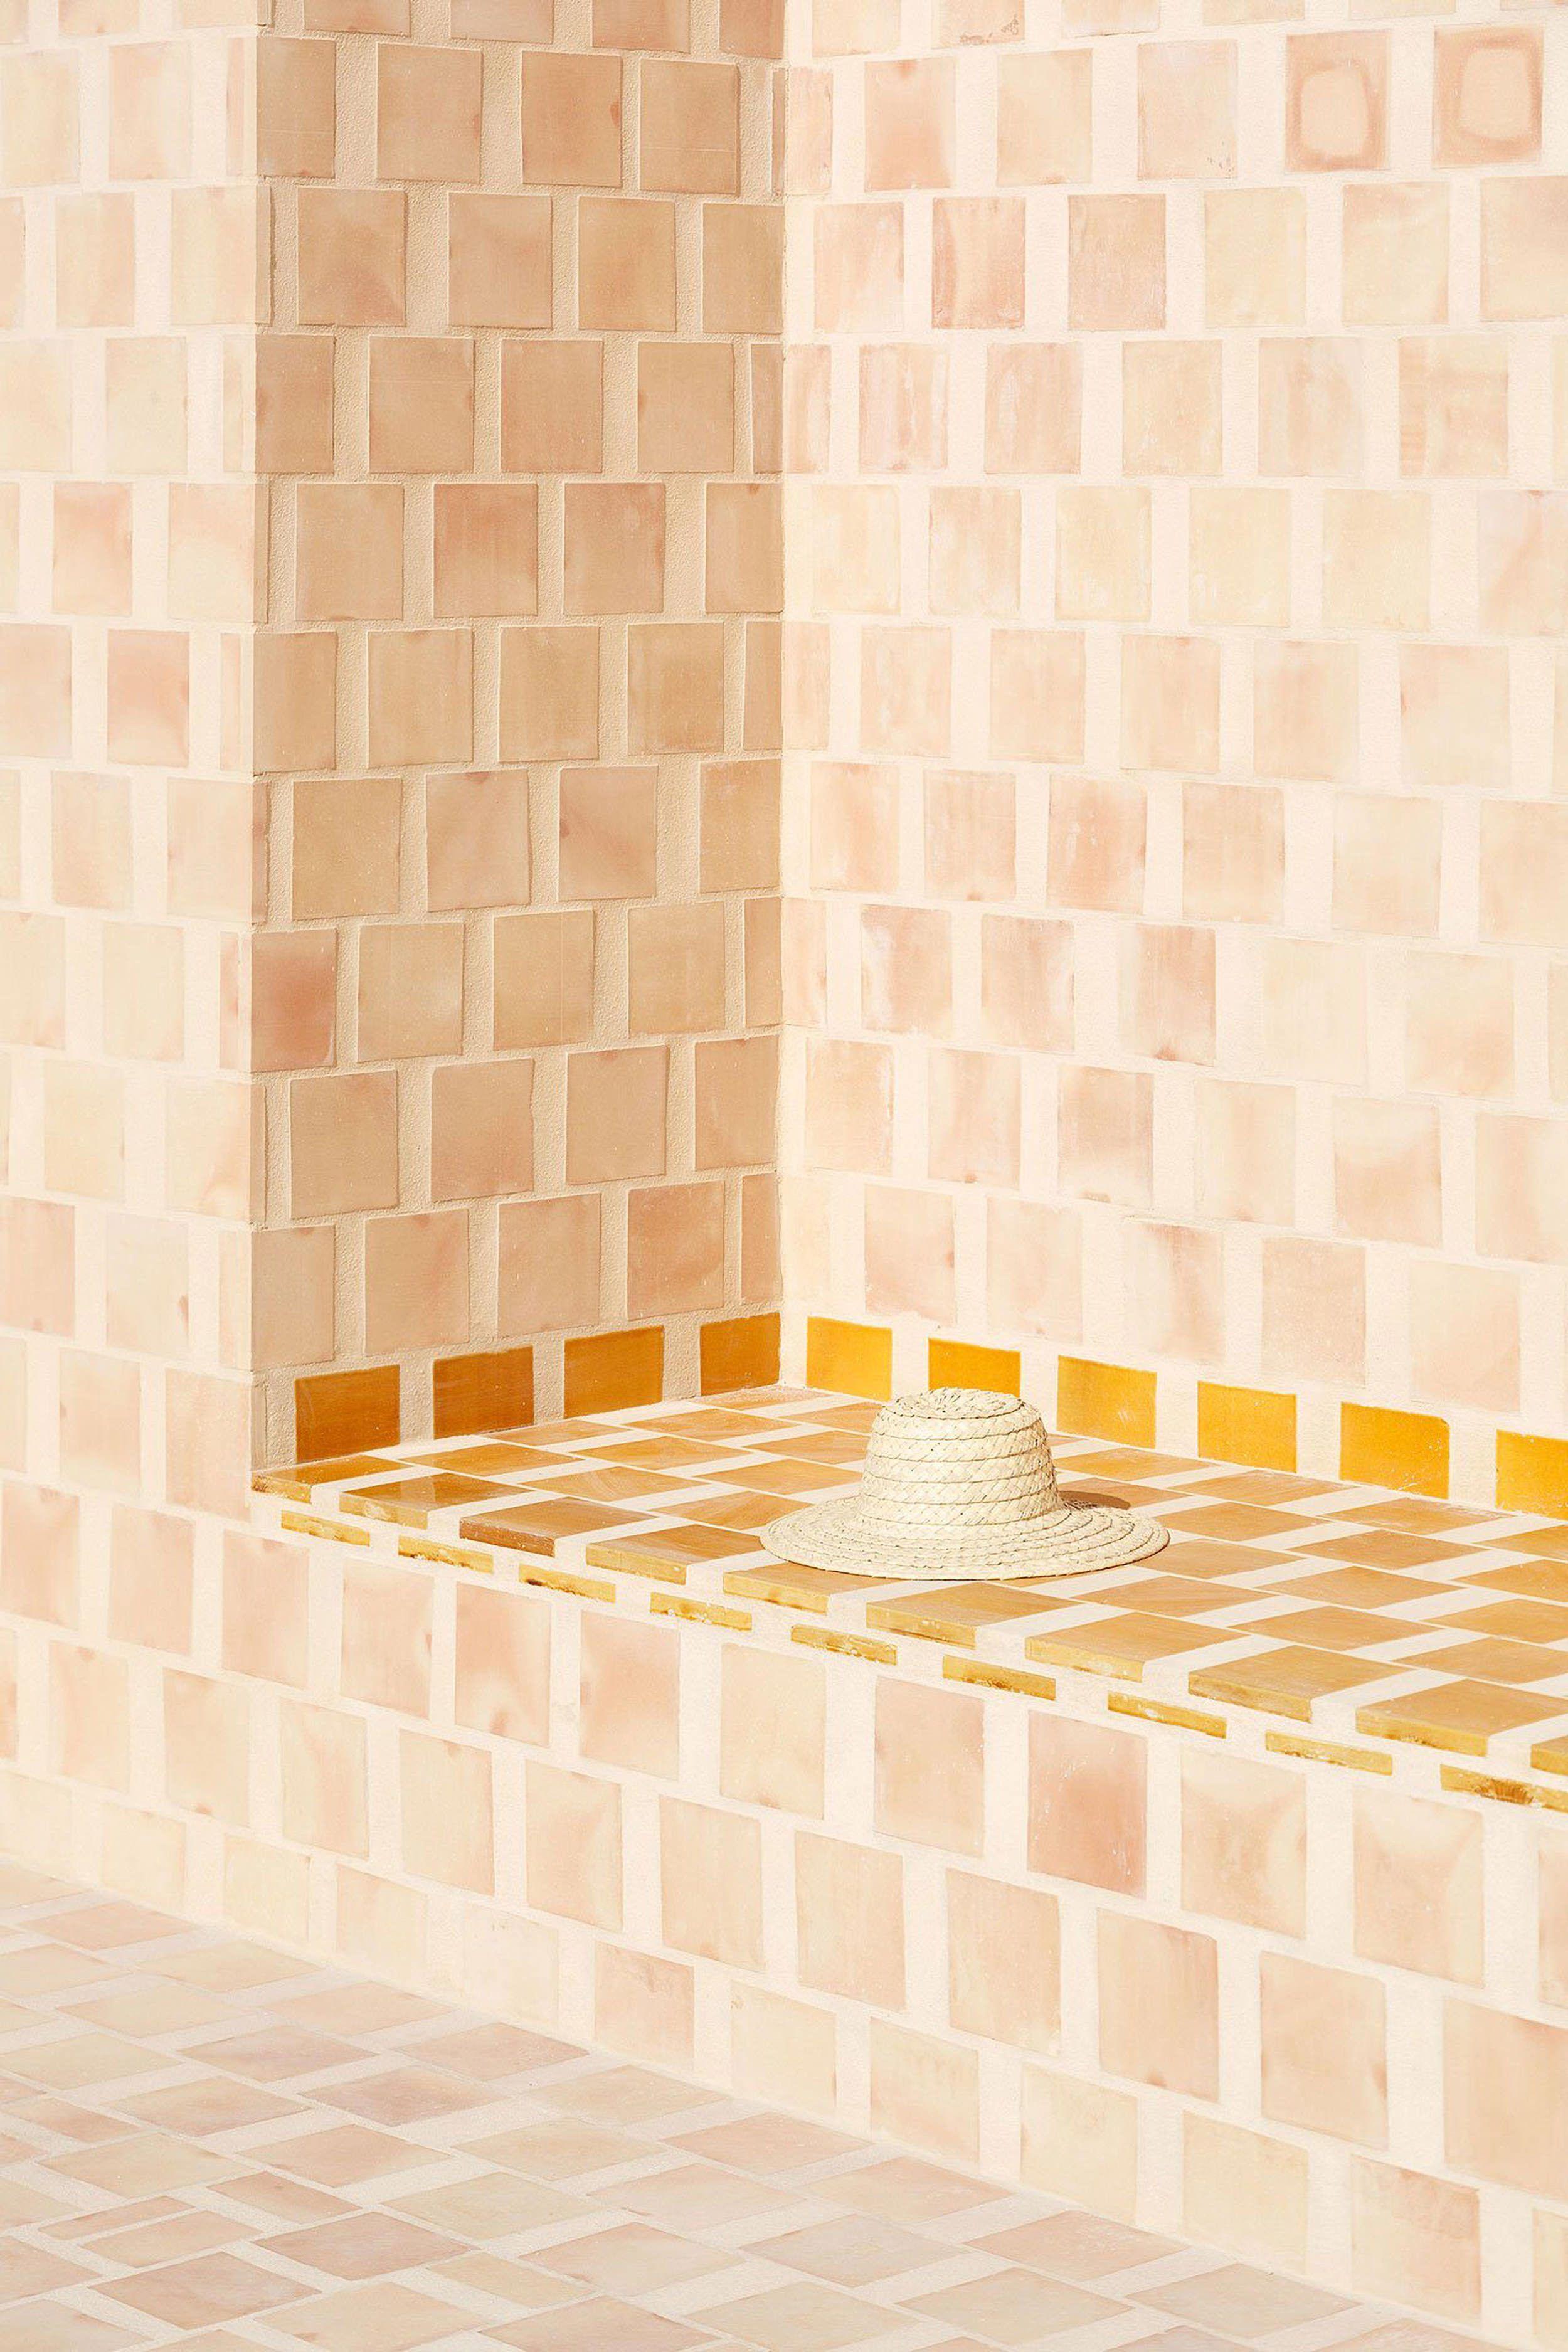 Five Bathroom Tile Ideas For Small Bathroom in 2018 | Bathroom Tiles ...